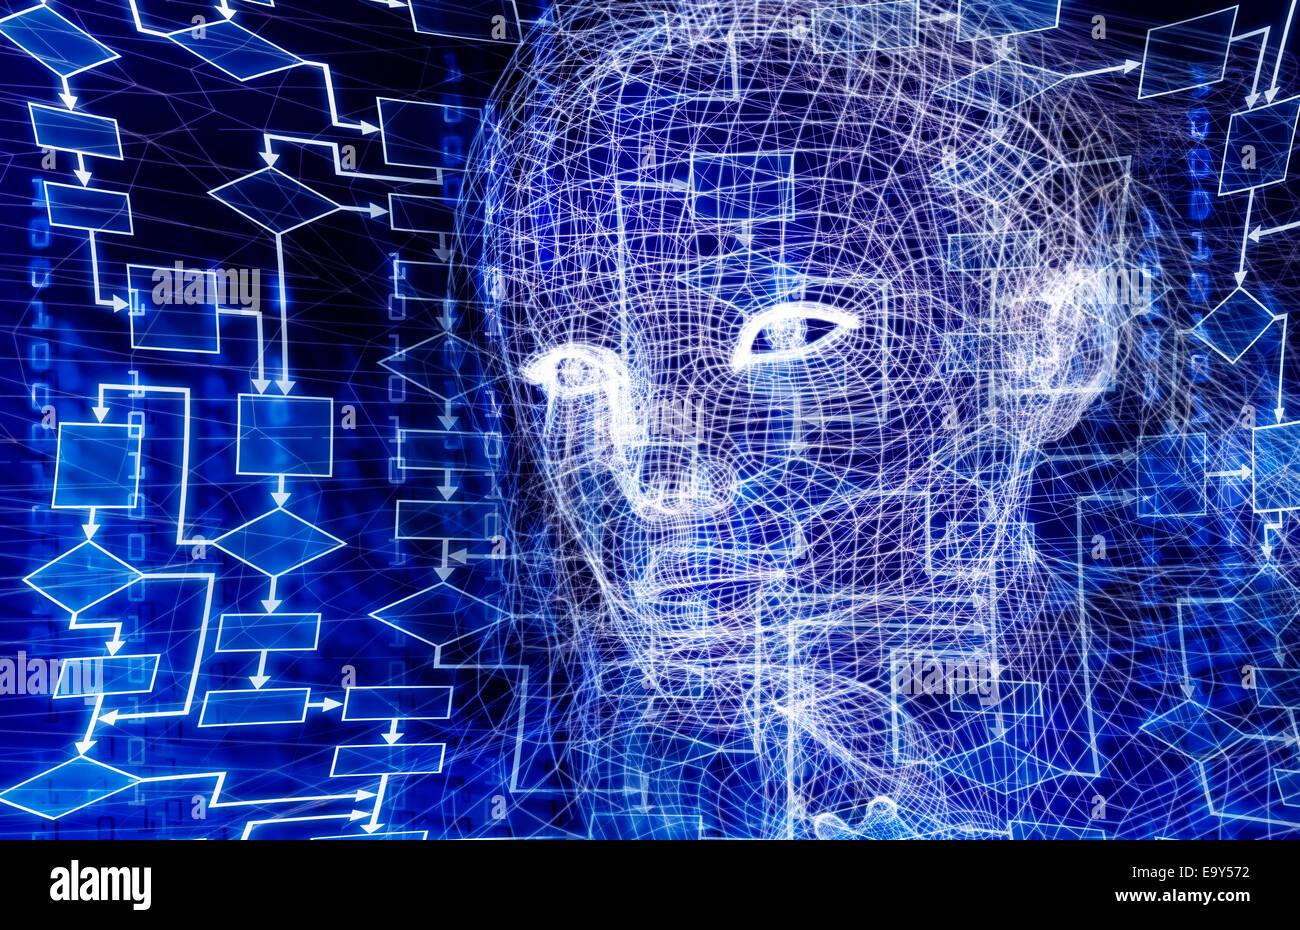 Donna digitale faccia wireframe conceptual 3D'illustrazione di un diagramma di flusso e il codice binario su Immagini Stock